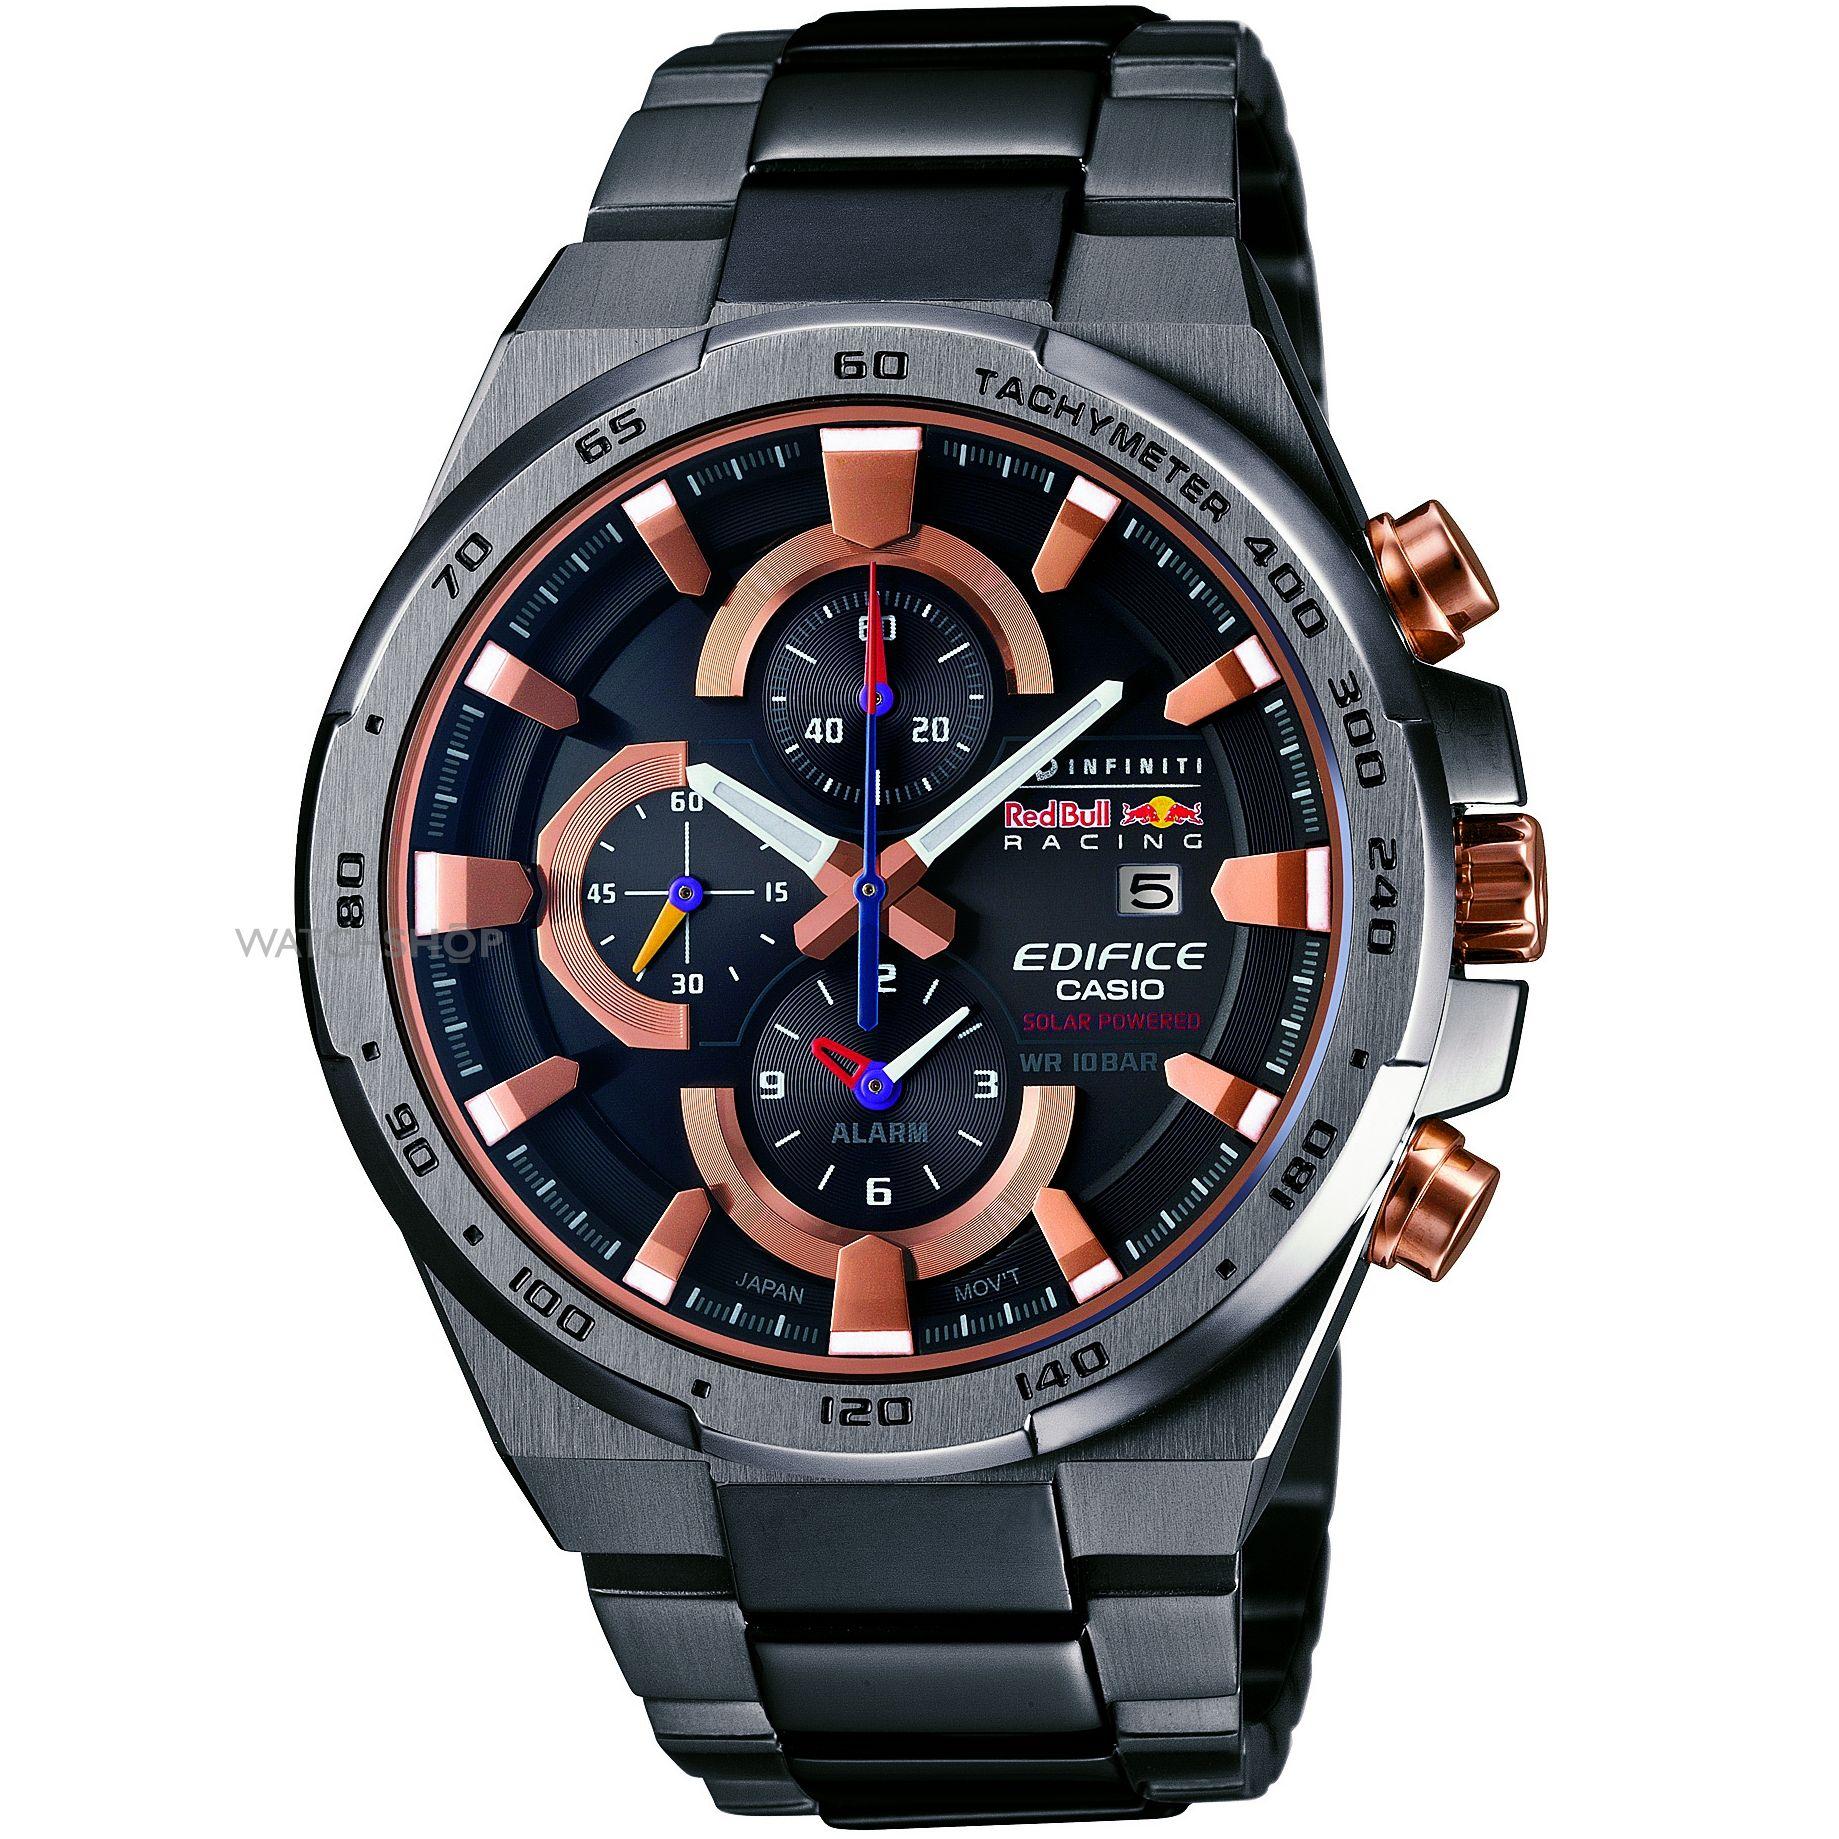 f41445beef5a Reloj Casio Edifice Red Bull EFR-541SBRB-1AER RELOJES CASIO Ofertas